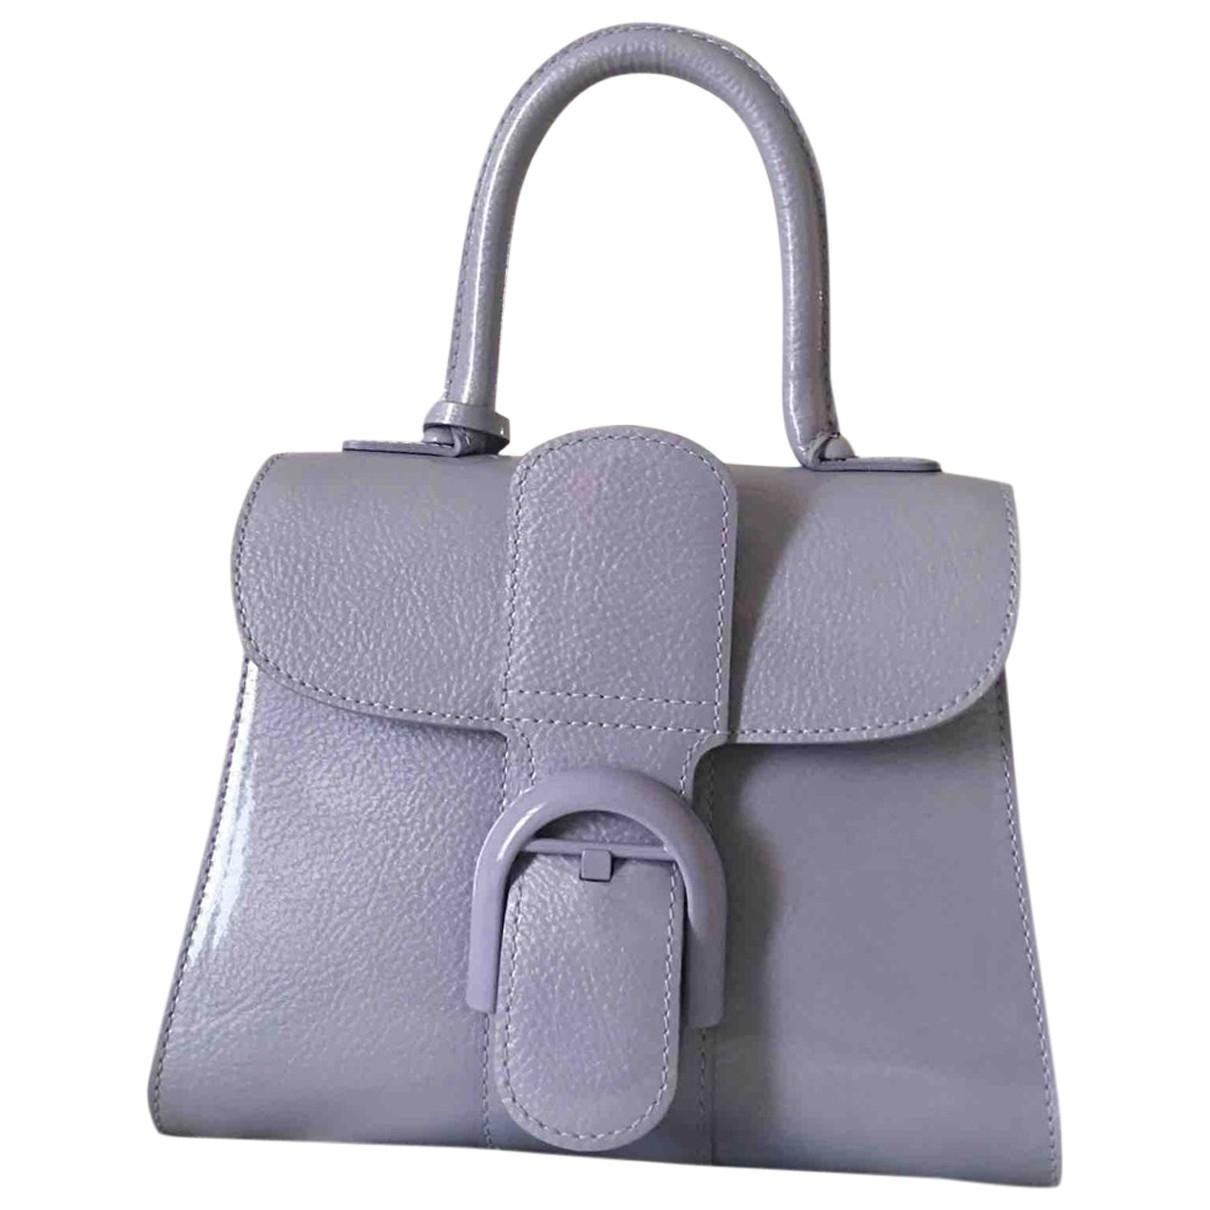 Delvaux - Sac a main Le Brillant pour femme en cuir verni - violet